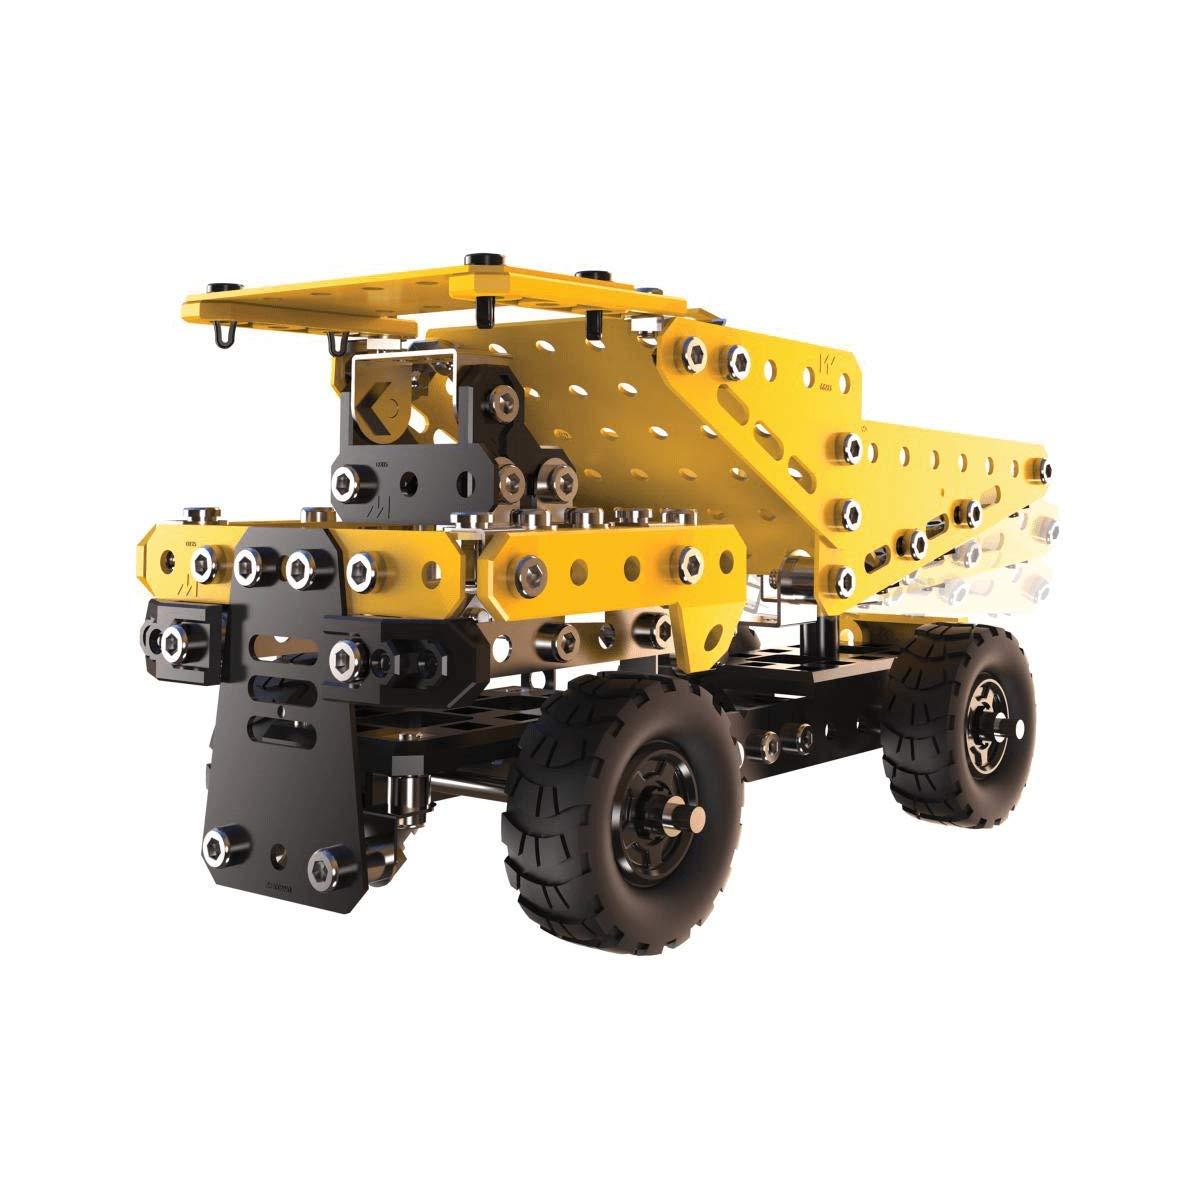 18210 MECCANO Dump Truck Model Maker Set